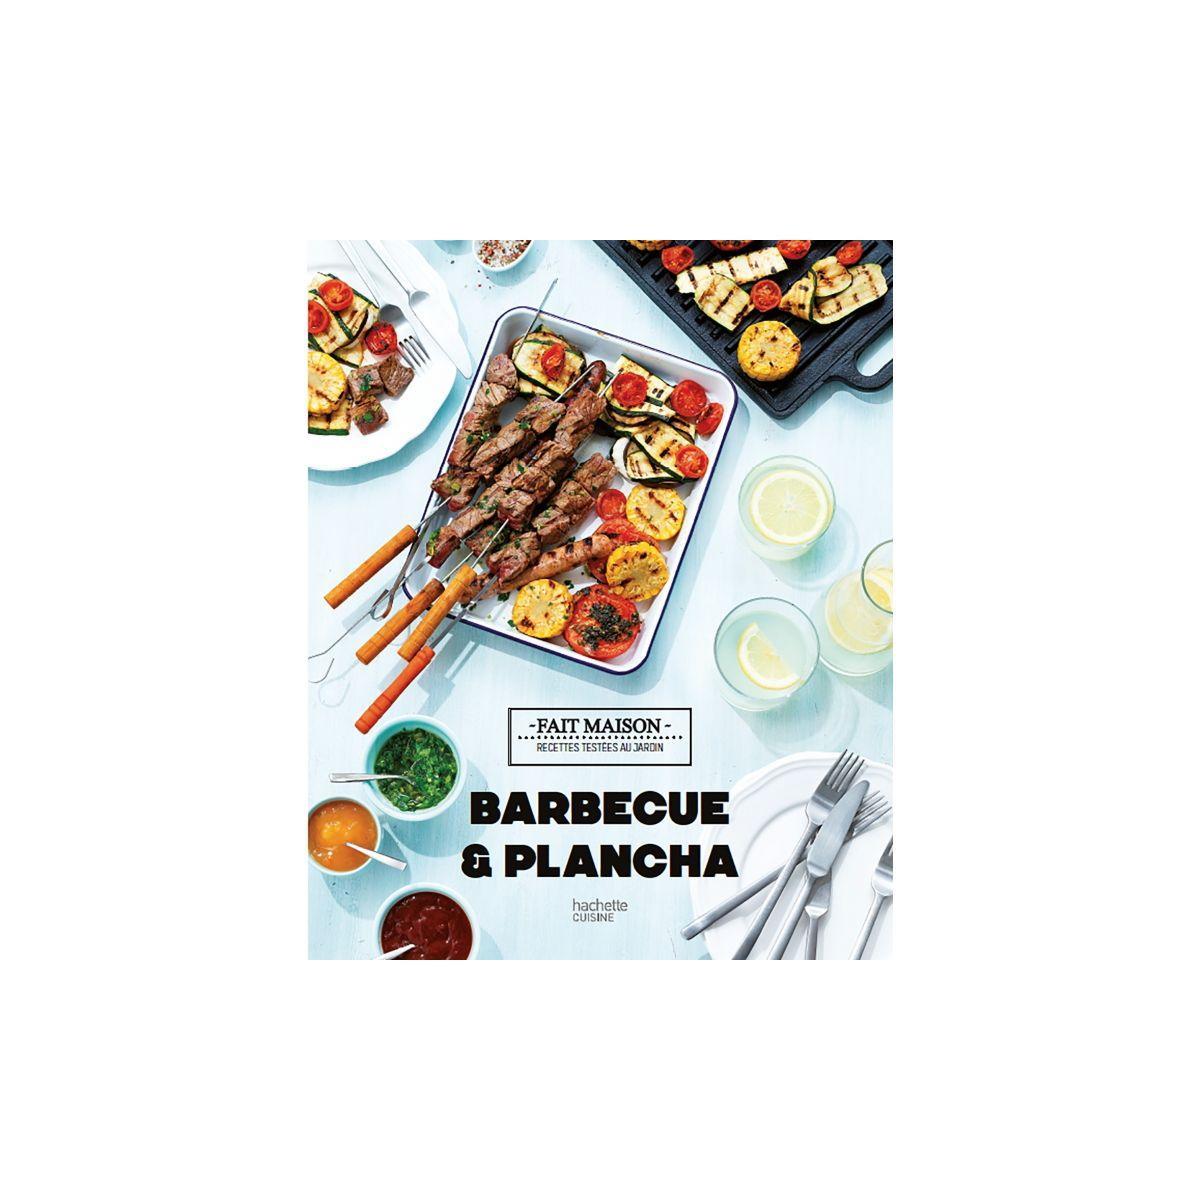 Livre hachette barbecue et plancha - la sélection webdistrib.com (photo)